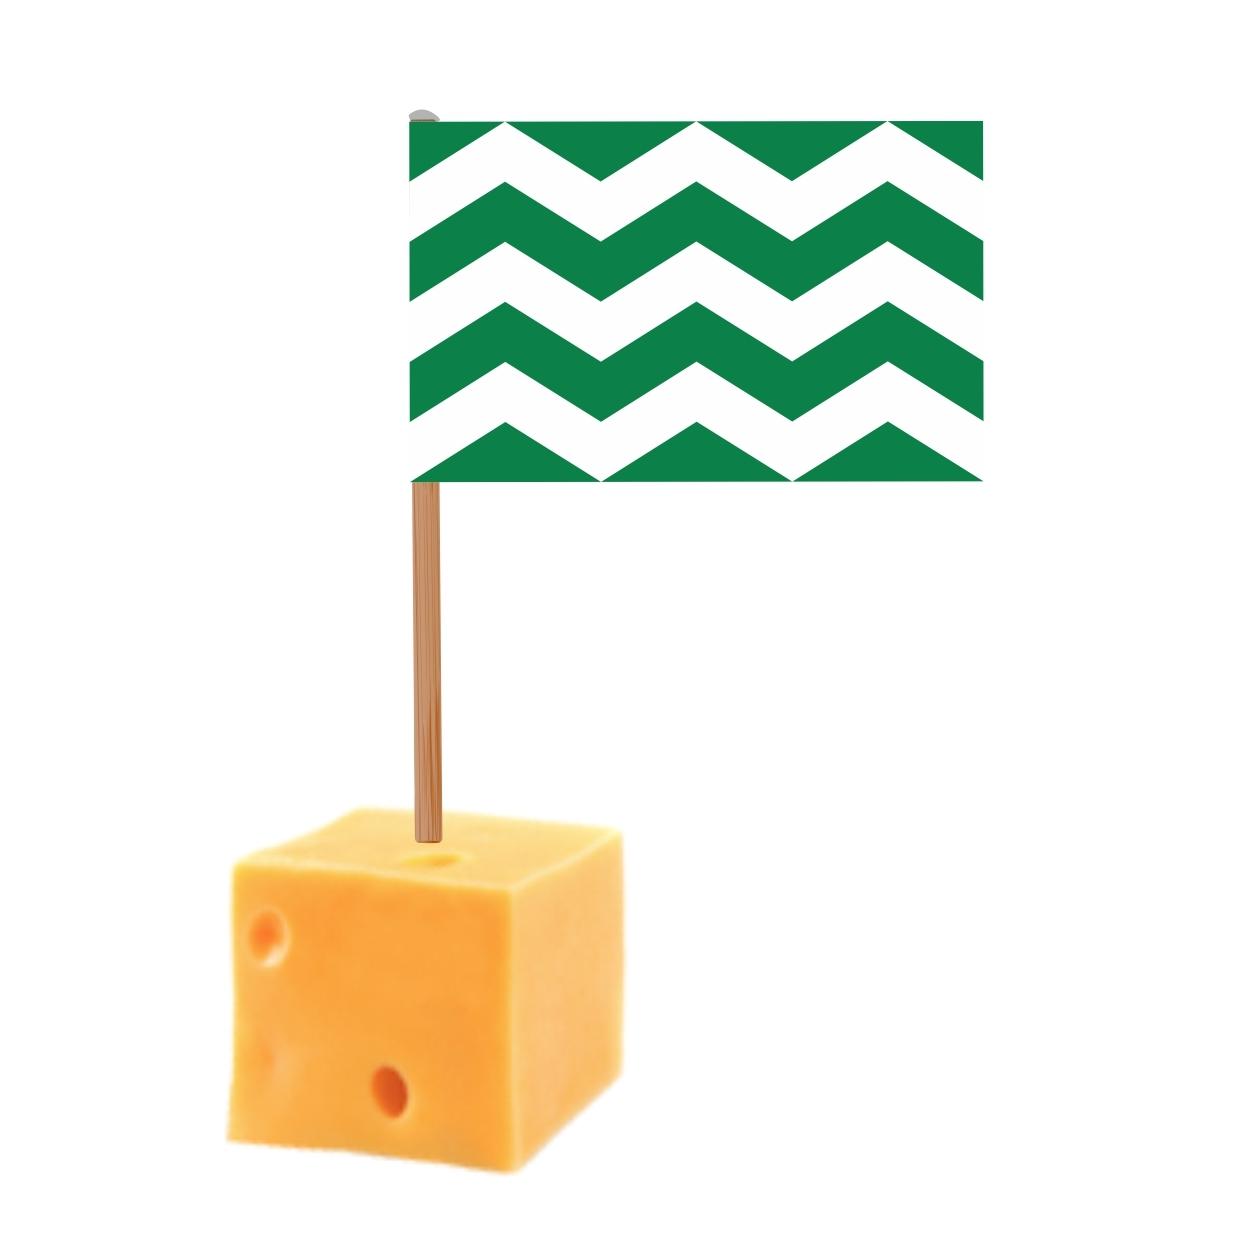 kaasprikkers met Westlandse vlag 50 stuks in blokje